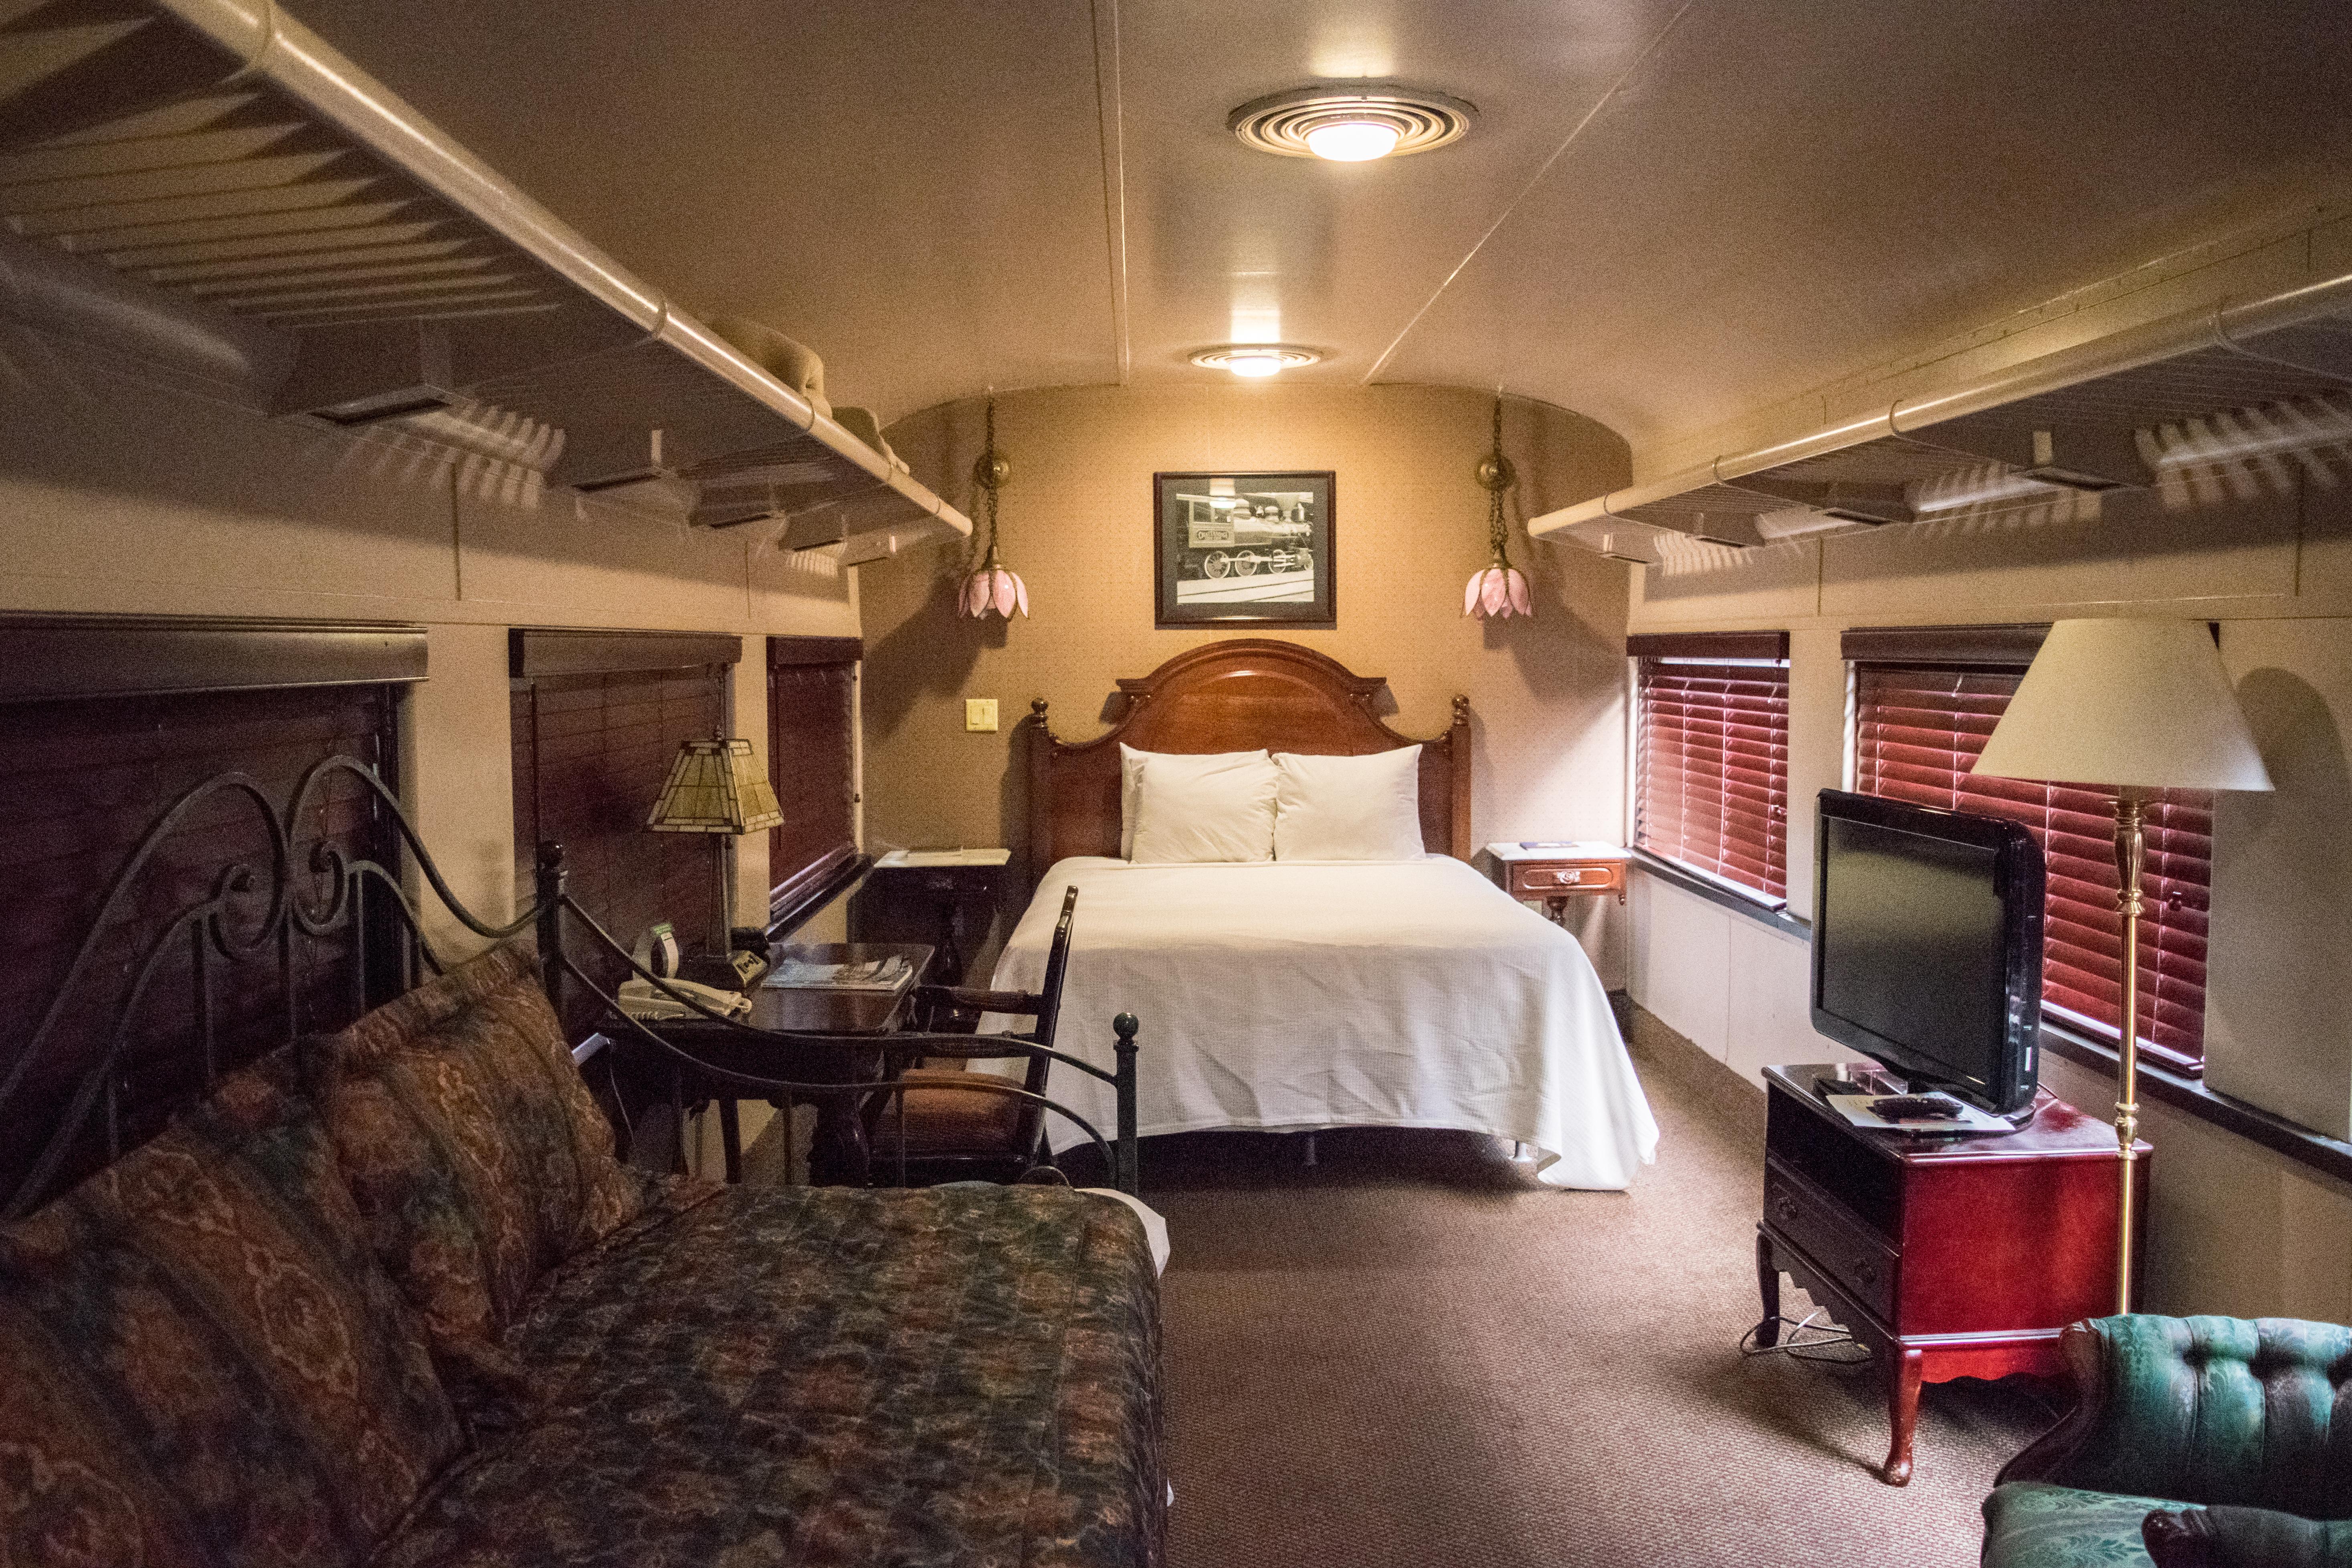 Train car Sleeper Chattanooga Choo Choo